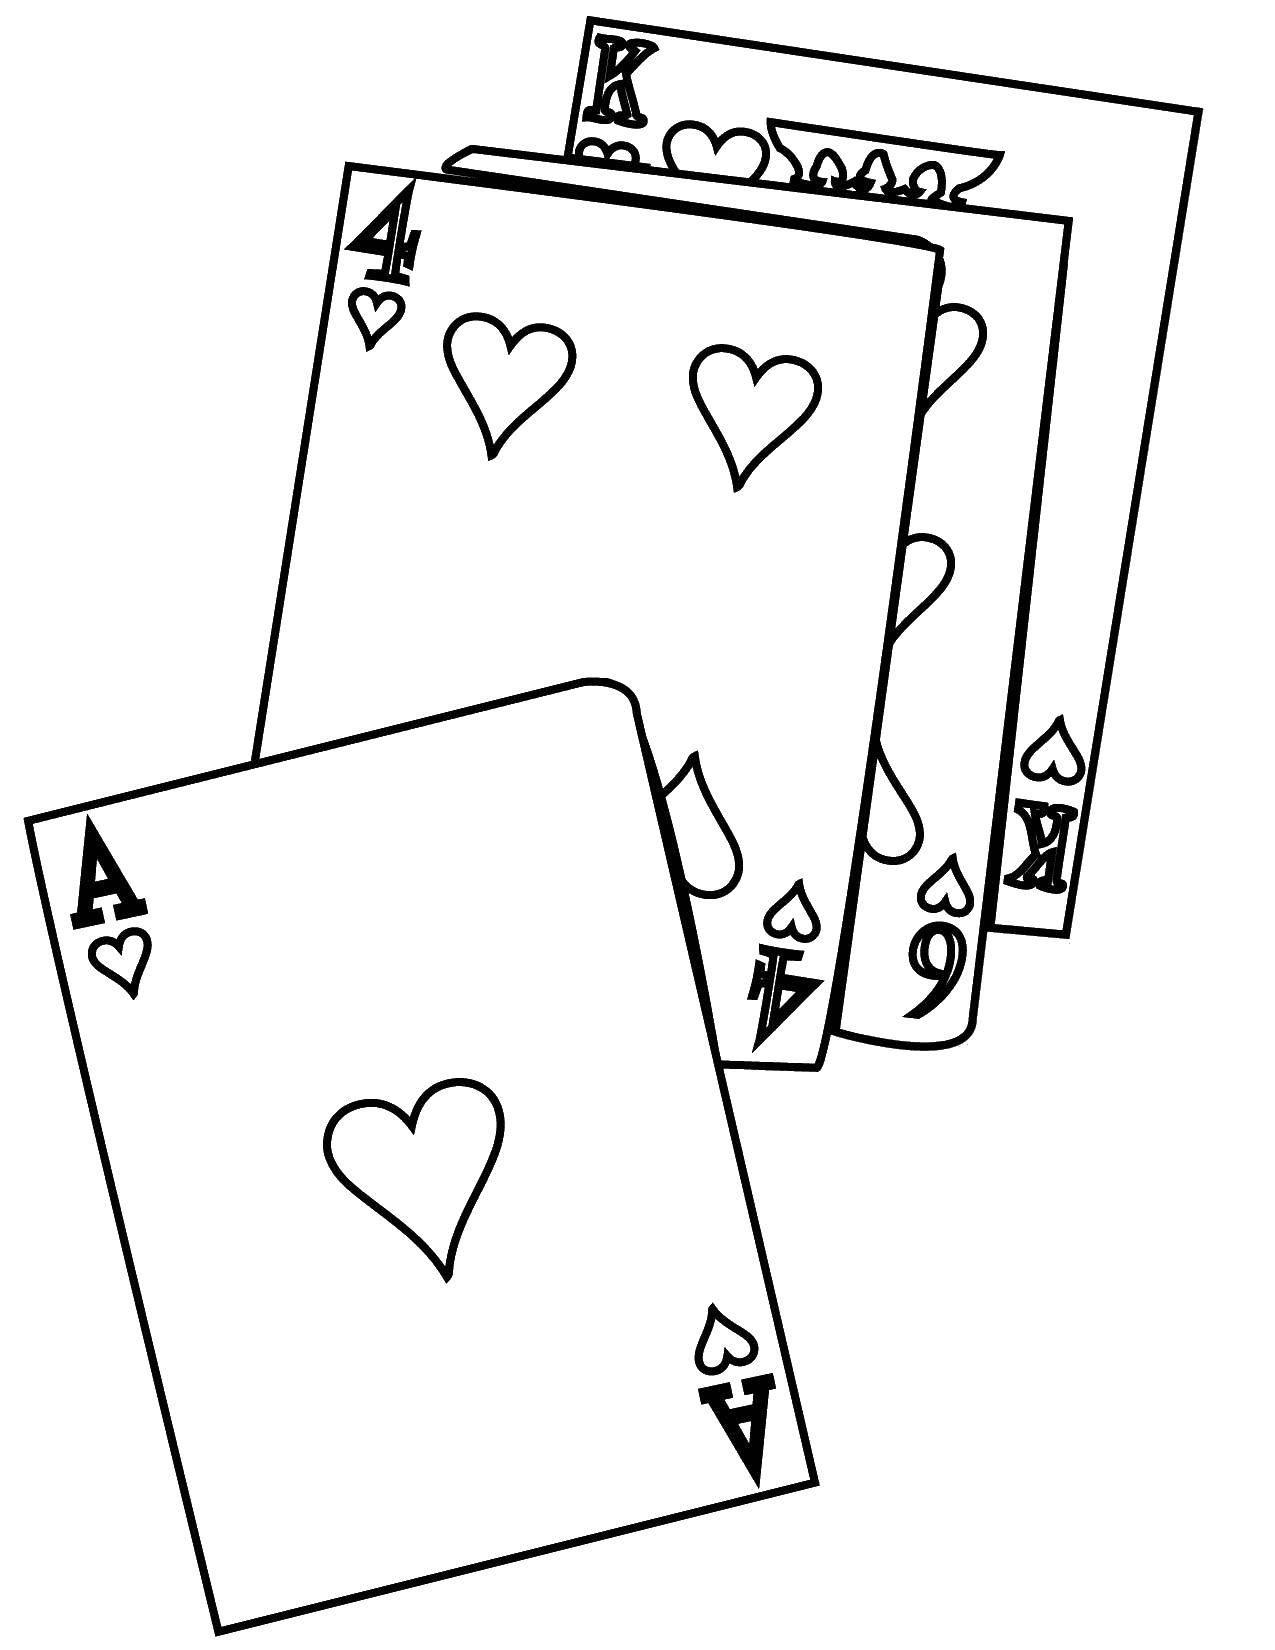 Раскраски карты Раскраски карты, раскраски игральных карт